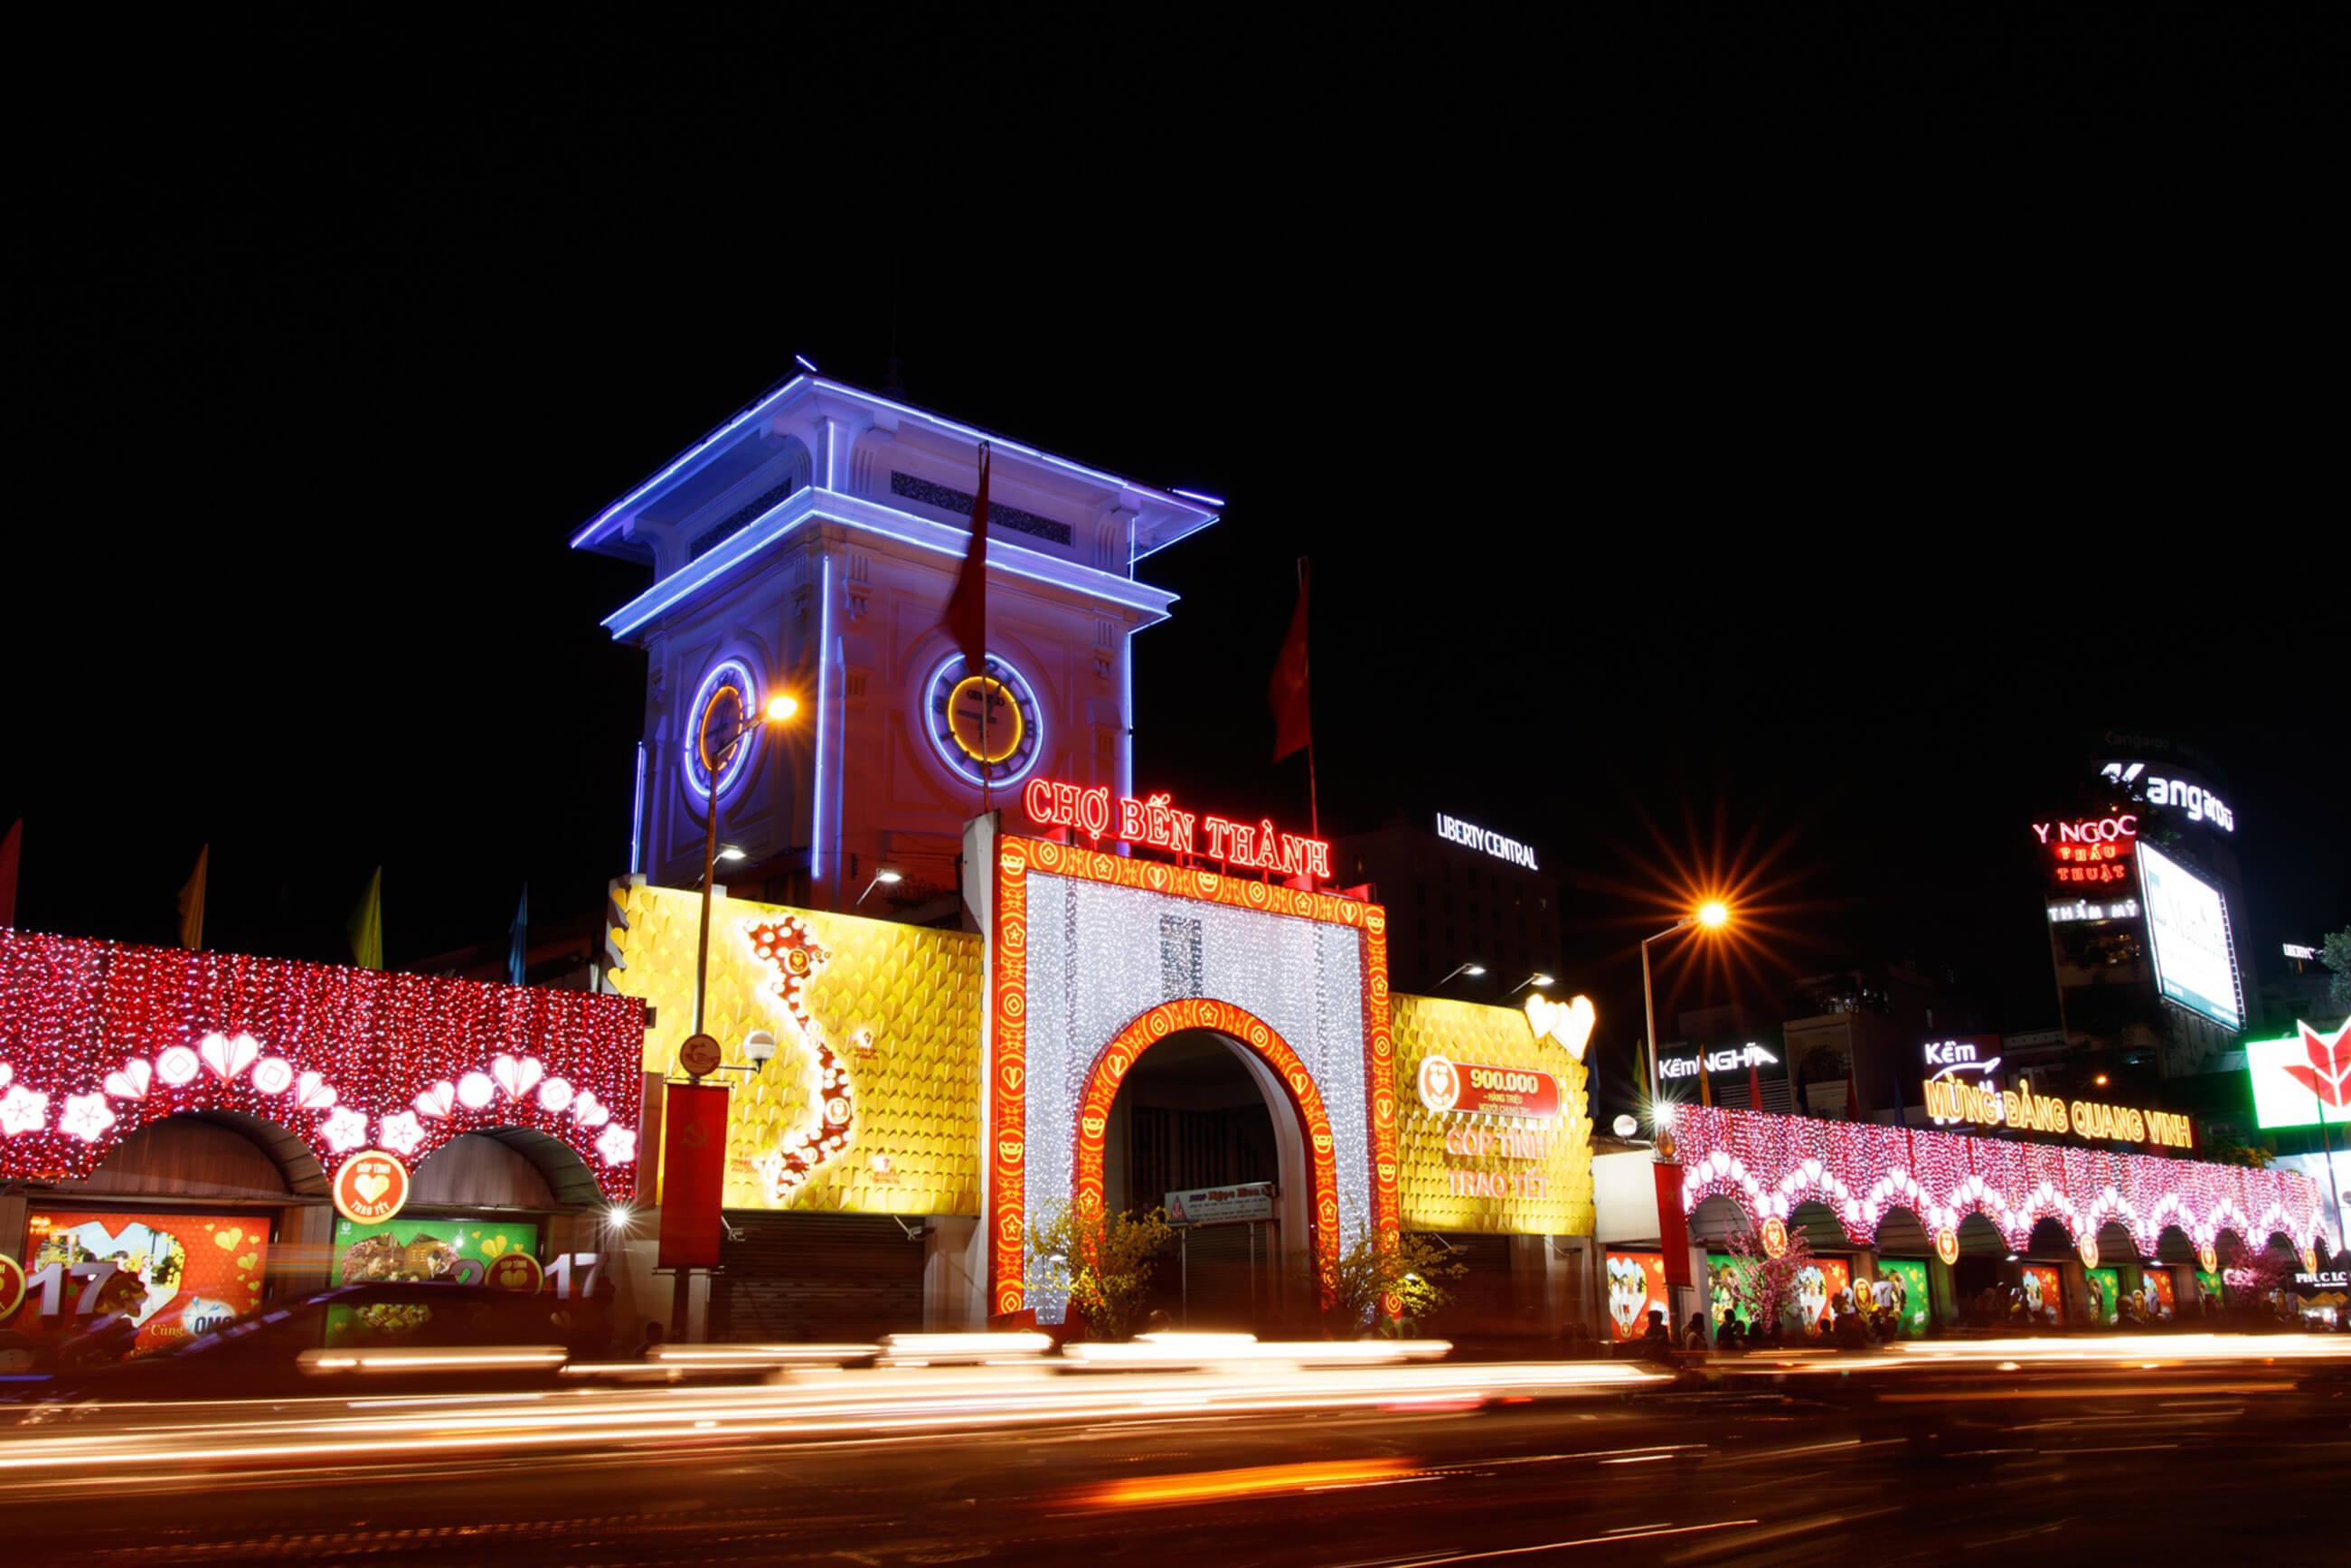 https://bubo.sk/uploads/galleries/5067/pxb_vietnam_saigon_ben-thanh-market-2203445.jpg